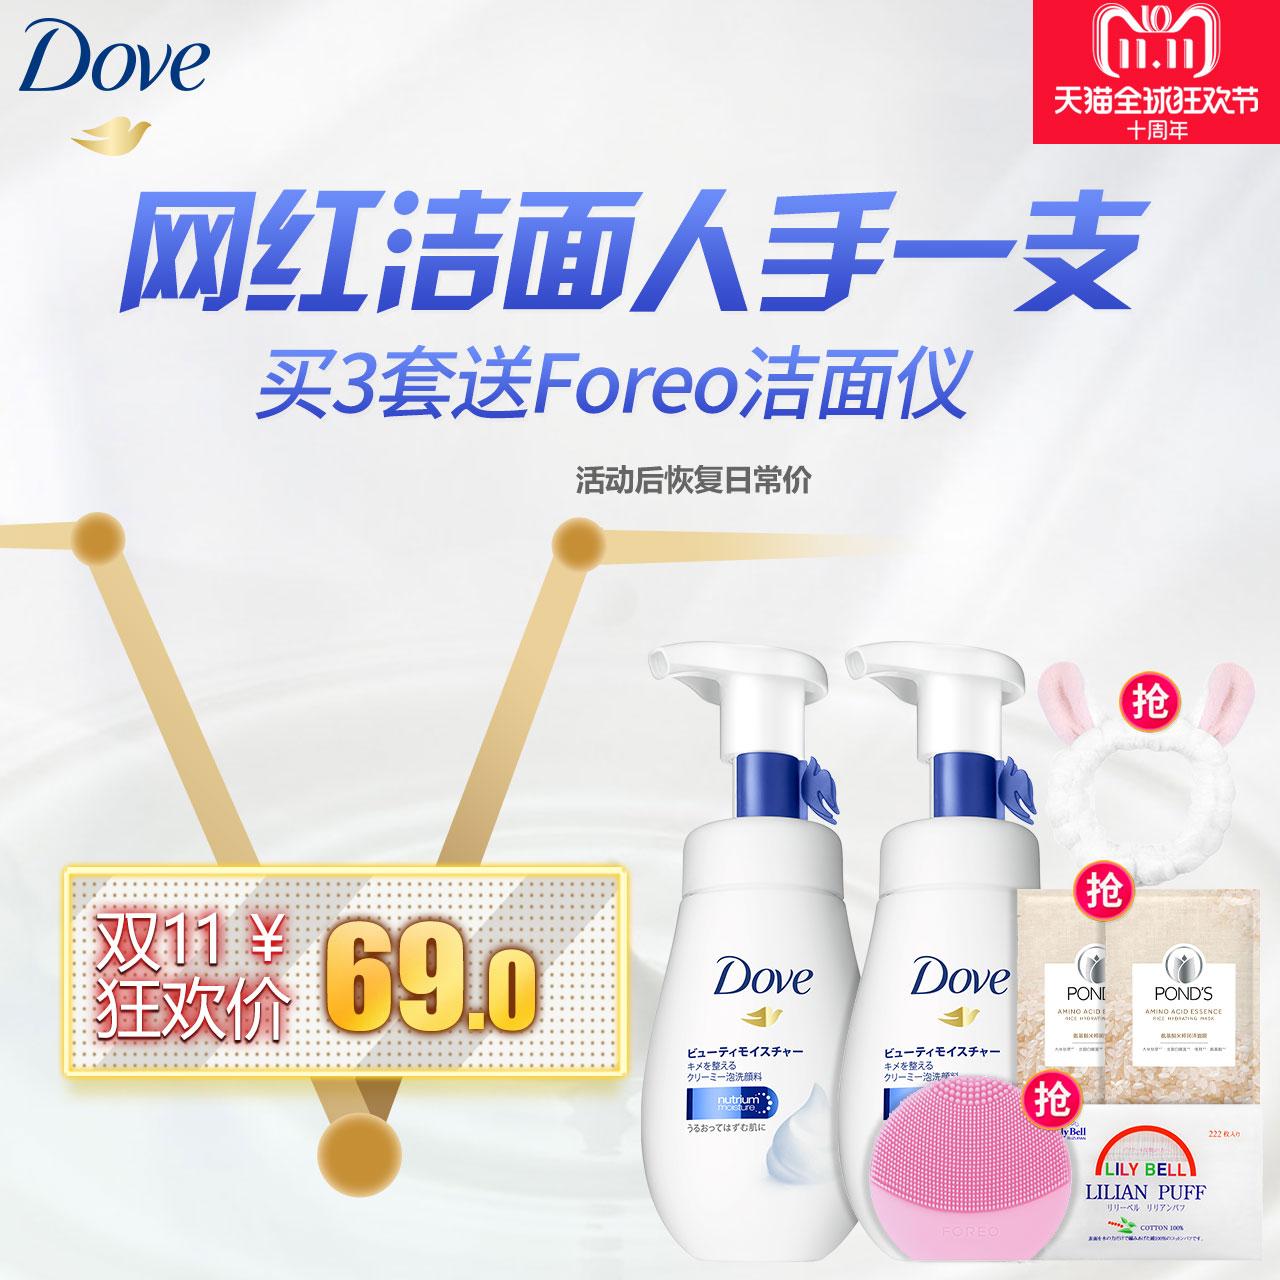 2 160ml 联合利华多芬氨基酸洁面泡泡慕丝洗面奶清洁官方正品